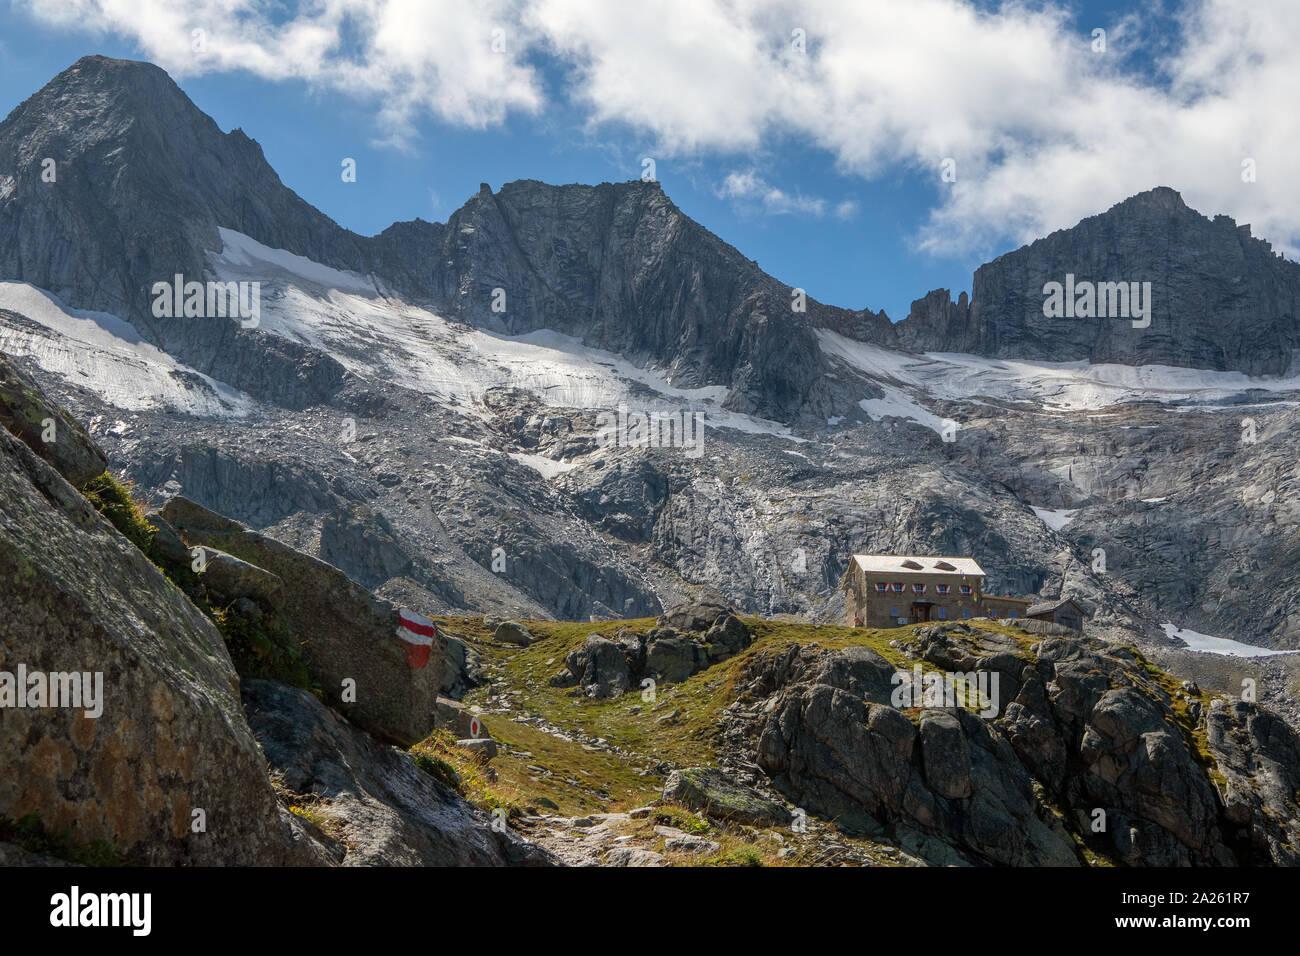 Richterhütte alpine refuge. Rainbachtal valley. Rainbach-Schwarzkopf peak.  Zillertaler Alps. Hohe Tauern National Park. Austrian Alps. Stock Photo